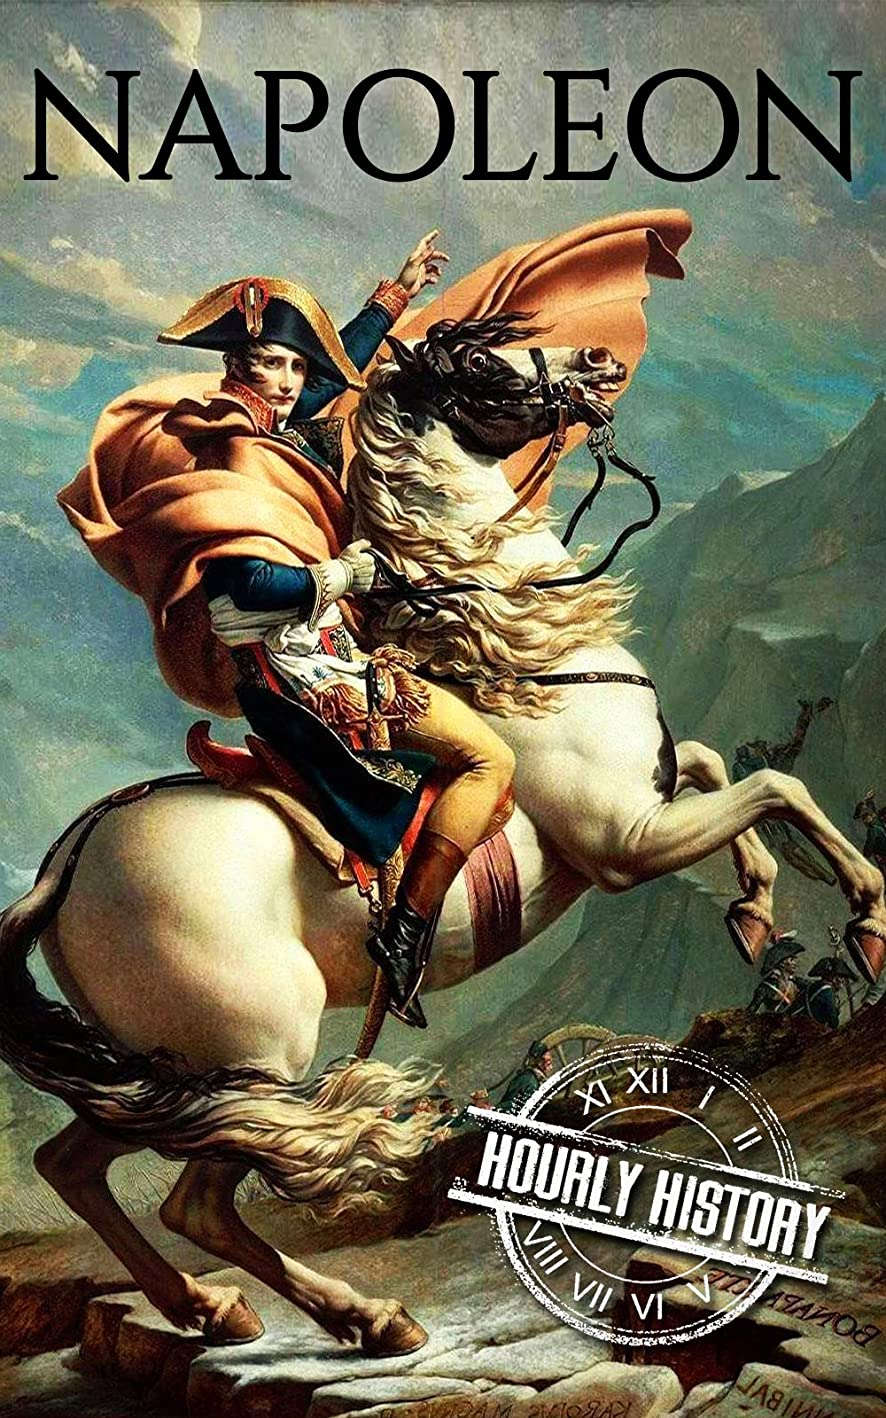 掃除撤退課税Napoleon: A Life From Beginning To End (Military Biographies Book 1) (English Edition)